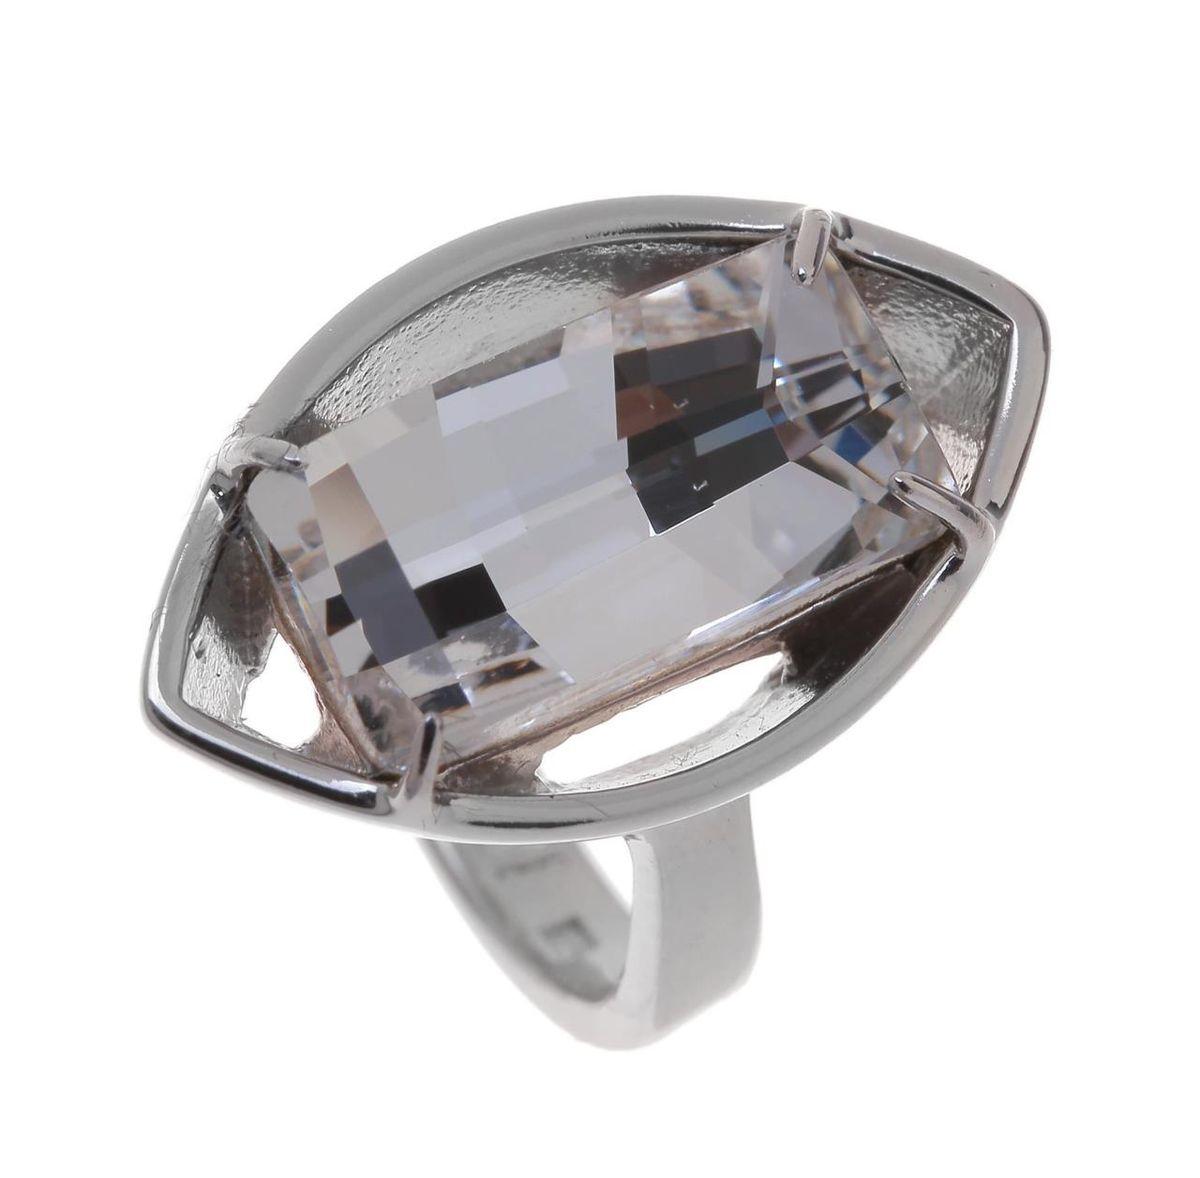 Кольцо Jenavi Коллекция Грани Диандера, цвет: серебряный, белый. r640f000. Размер 17r640f000Коллекция Грани, Диандера (Кольцо) гипоаллергенный ювелирный сплав,Серебрение c род. , вставка Кристаллы Swarovski , цвет - серебряный, белый, размер - 17 избегать взаимодействия с водой и химическими средствами